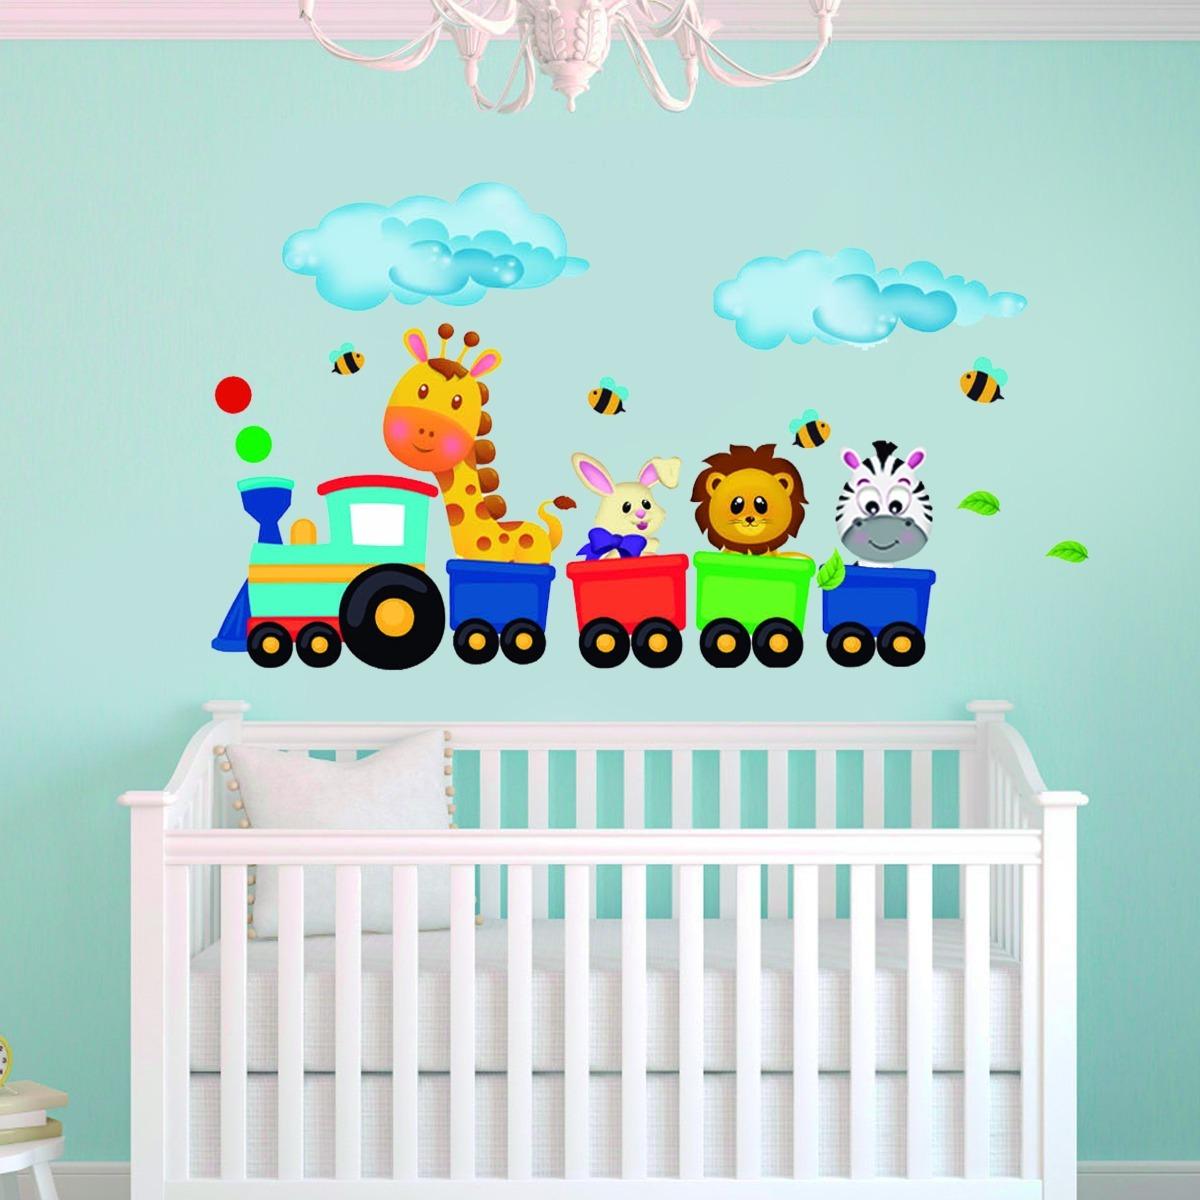 Vinilos decorativos infantiles animales murales stiker ni os bs en mercado libre - Murales para ninas ...